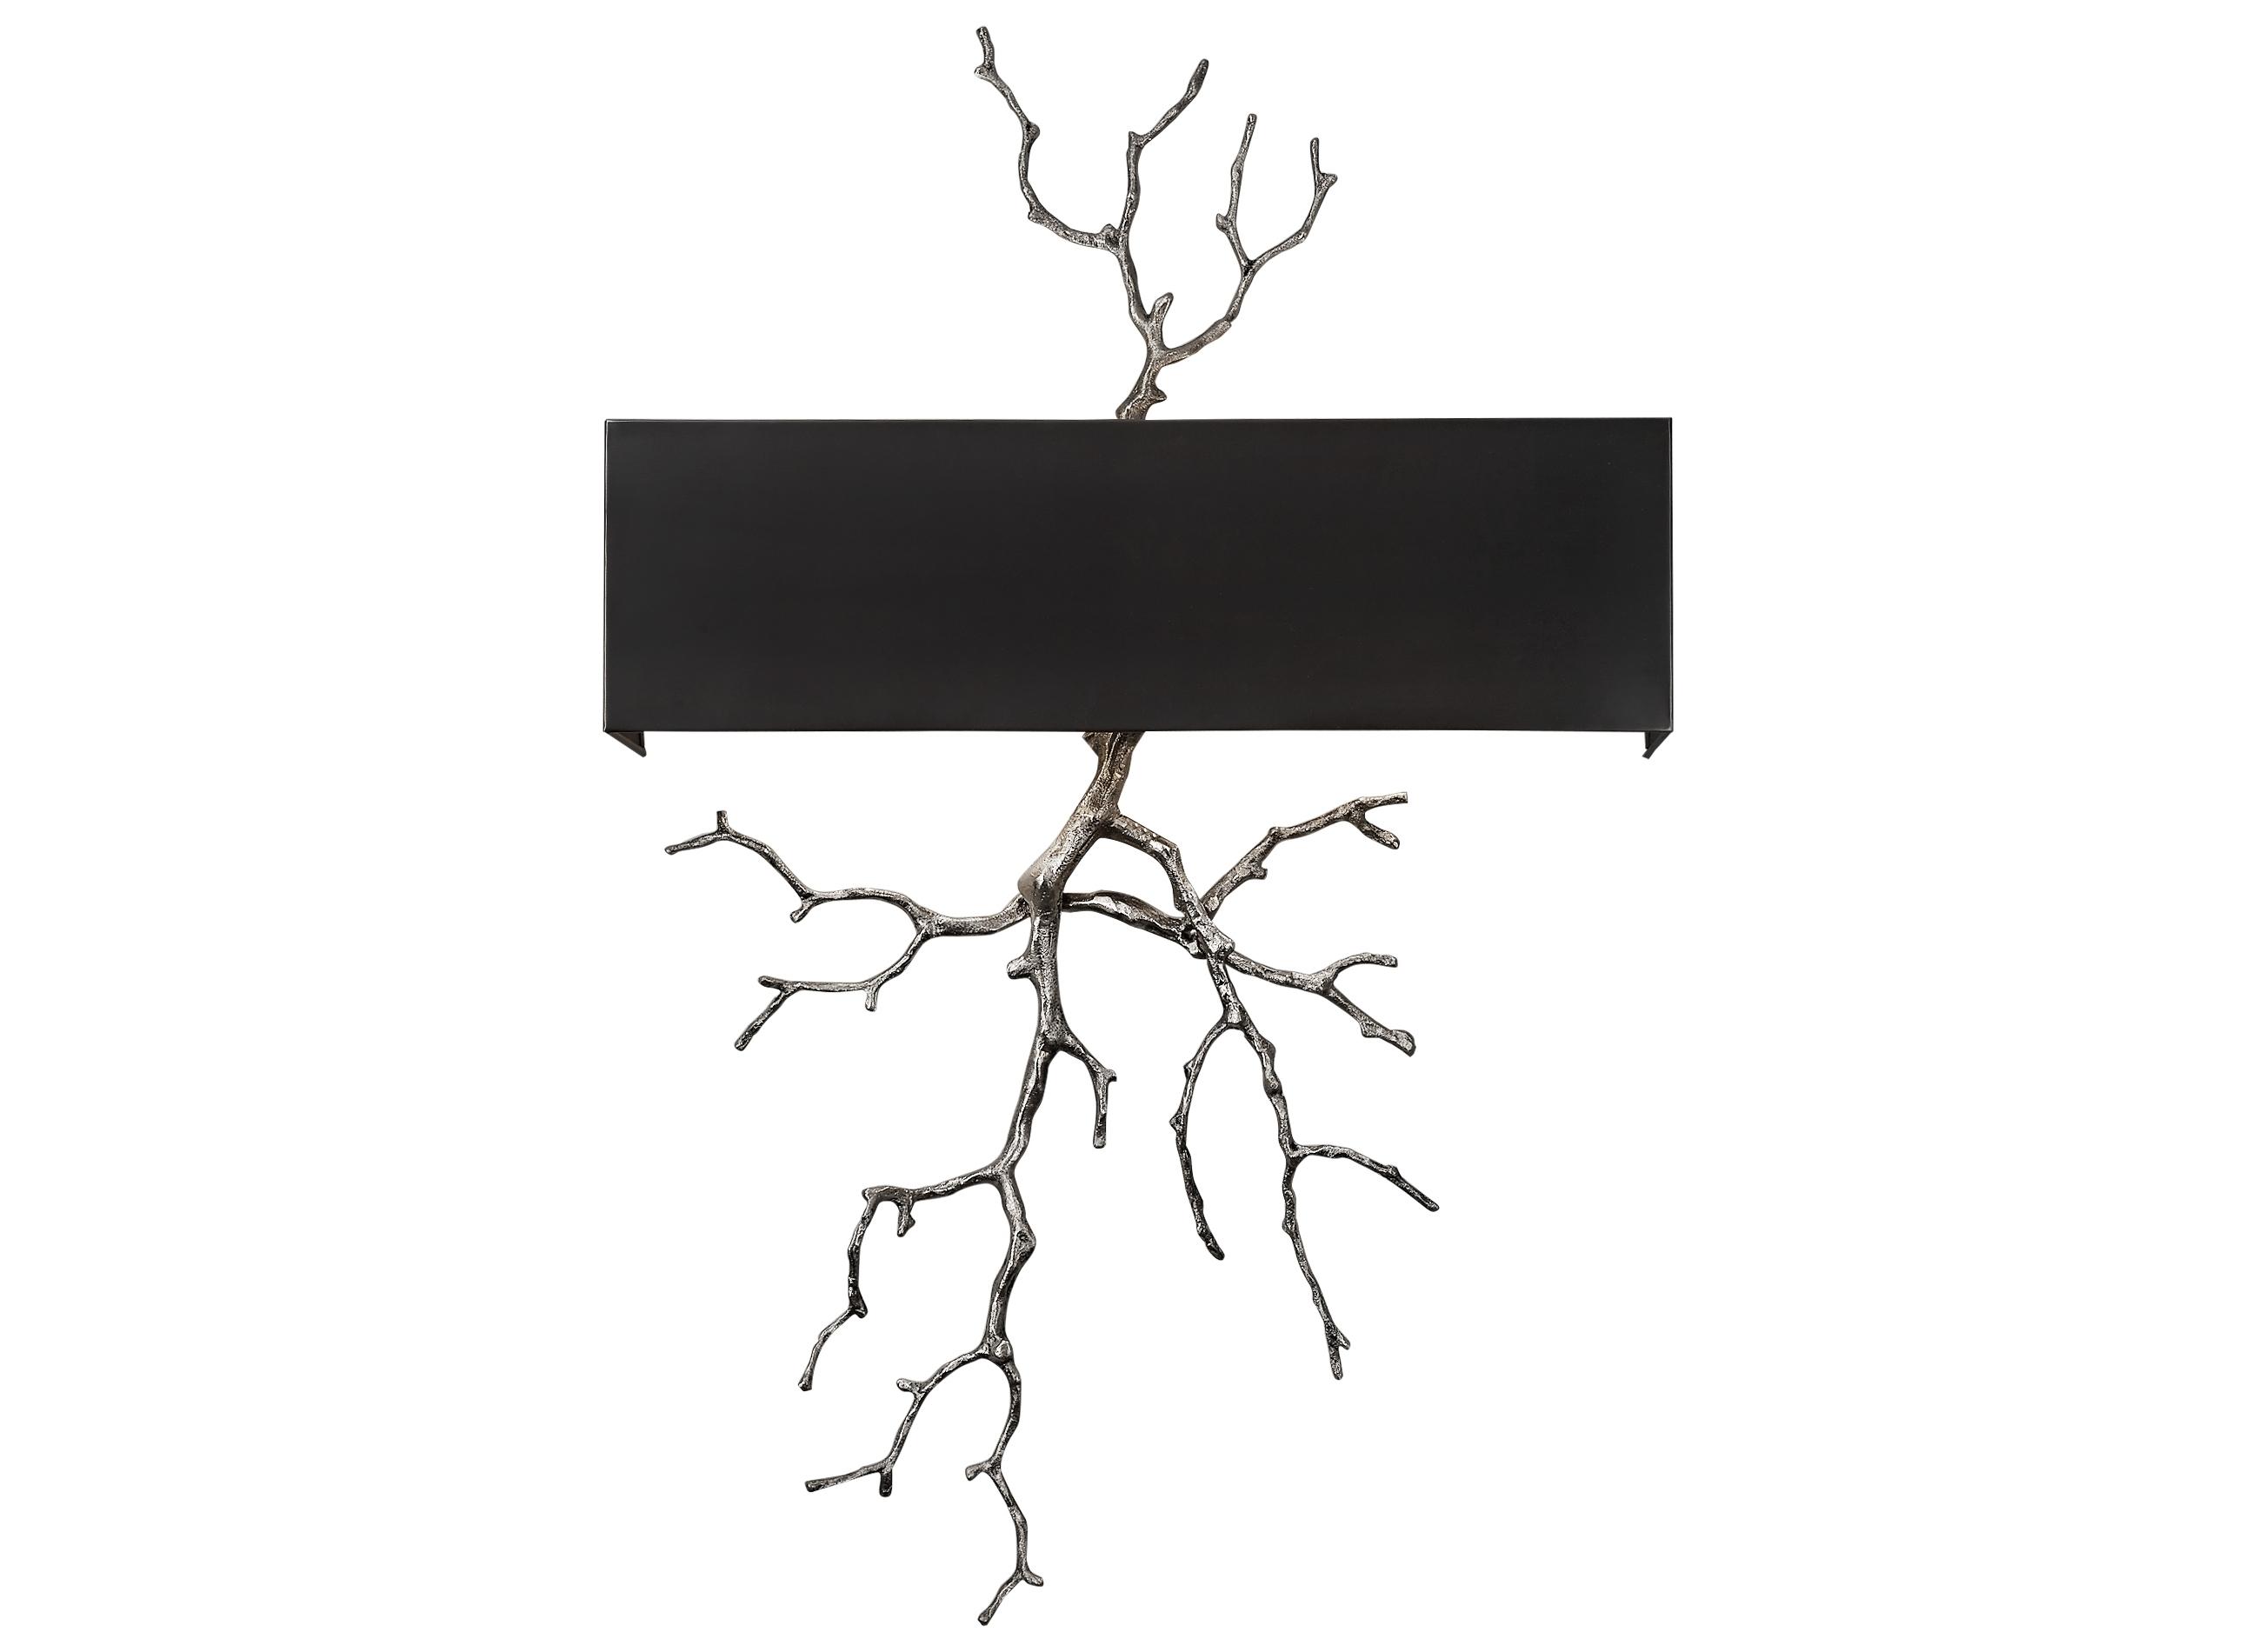 Светильник настенный PescaraБра<br>&amp;lt;div&amp;gt;Элегантное настенное бра серебристого цвета с черным металлическим абажуром. Хорошо подойдет для современного интерьера, оформленного в винтажном, эко, ар-деко, фьюжн, минимализм и лофт стилях. В любом интерьере оно будет ярким и стильным элементом декора.&amp;lt;/div&amp;gt;&amp;lt;div&amp;gt;&amp;lt;br&amp;gt;&amp;lt;/div&amp;gt;&amp;lt;div&amp;gt;Вид цоколя: E14&amp;lt;/div&amp;gt;&amp;lt;div&amp;gt;Мощность: 40W&amp;lt;/div&amp;gt;&amp;lt;div&amp;gt;Количество ламп: 2 (нет в комплекте)&amp;lt;/div&amp;gt;<br><br>Material: Алюминий<br>Ширина см: 54<br>Высота см: 85<br>Глубина см: 12